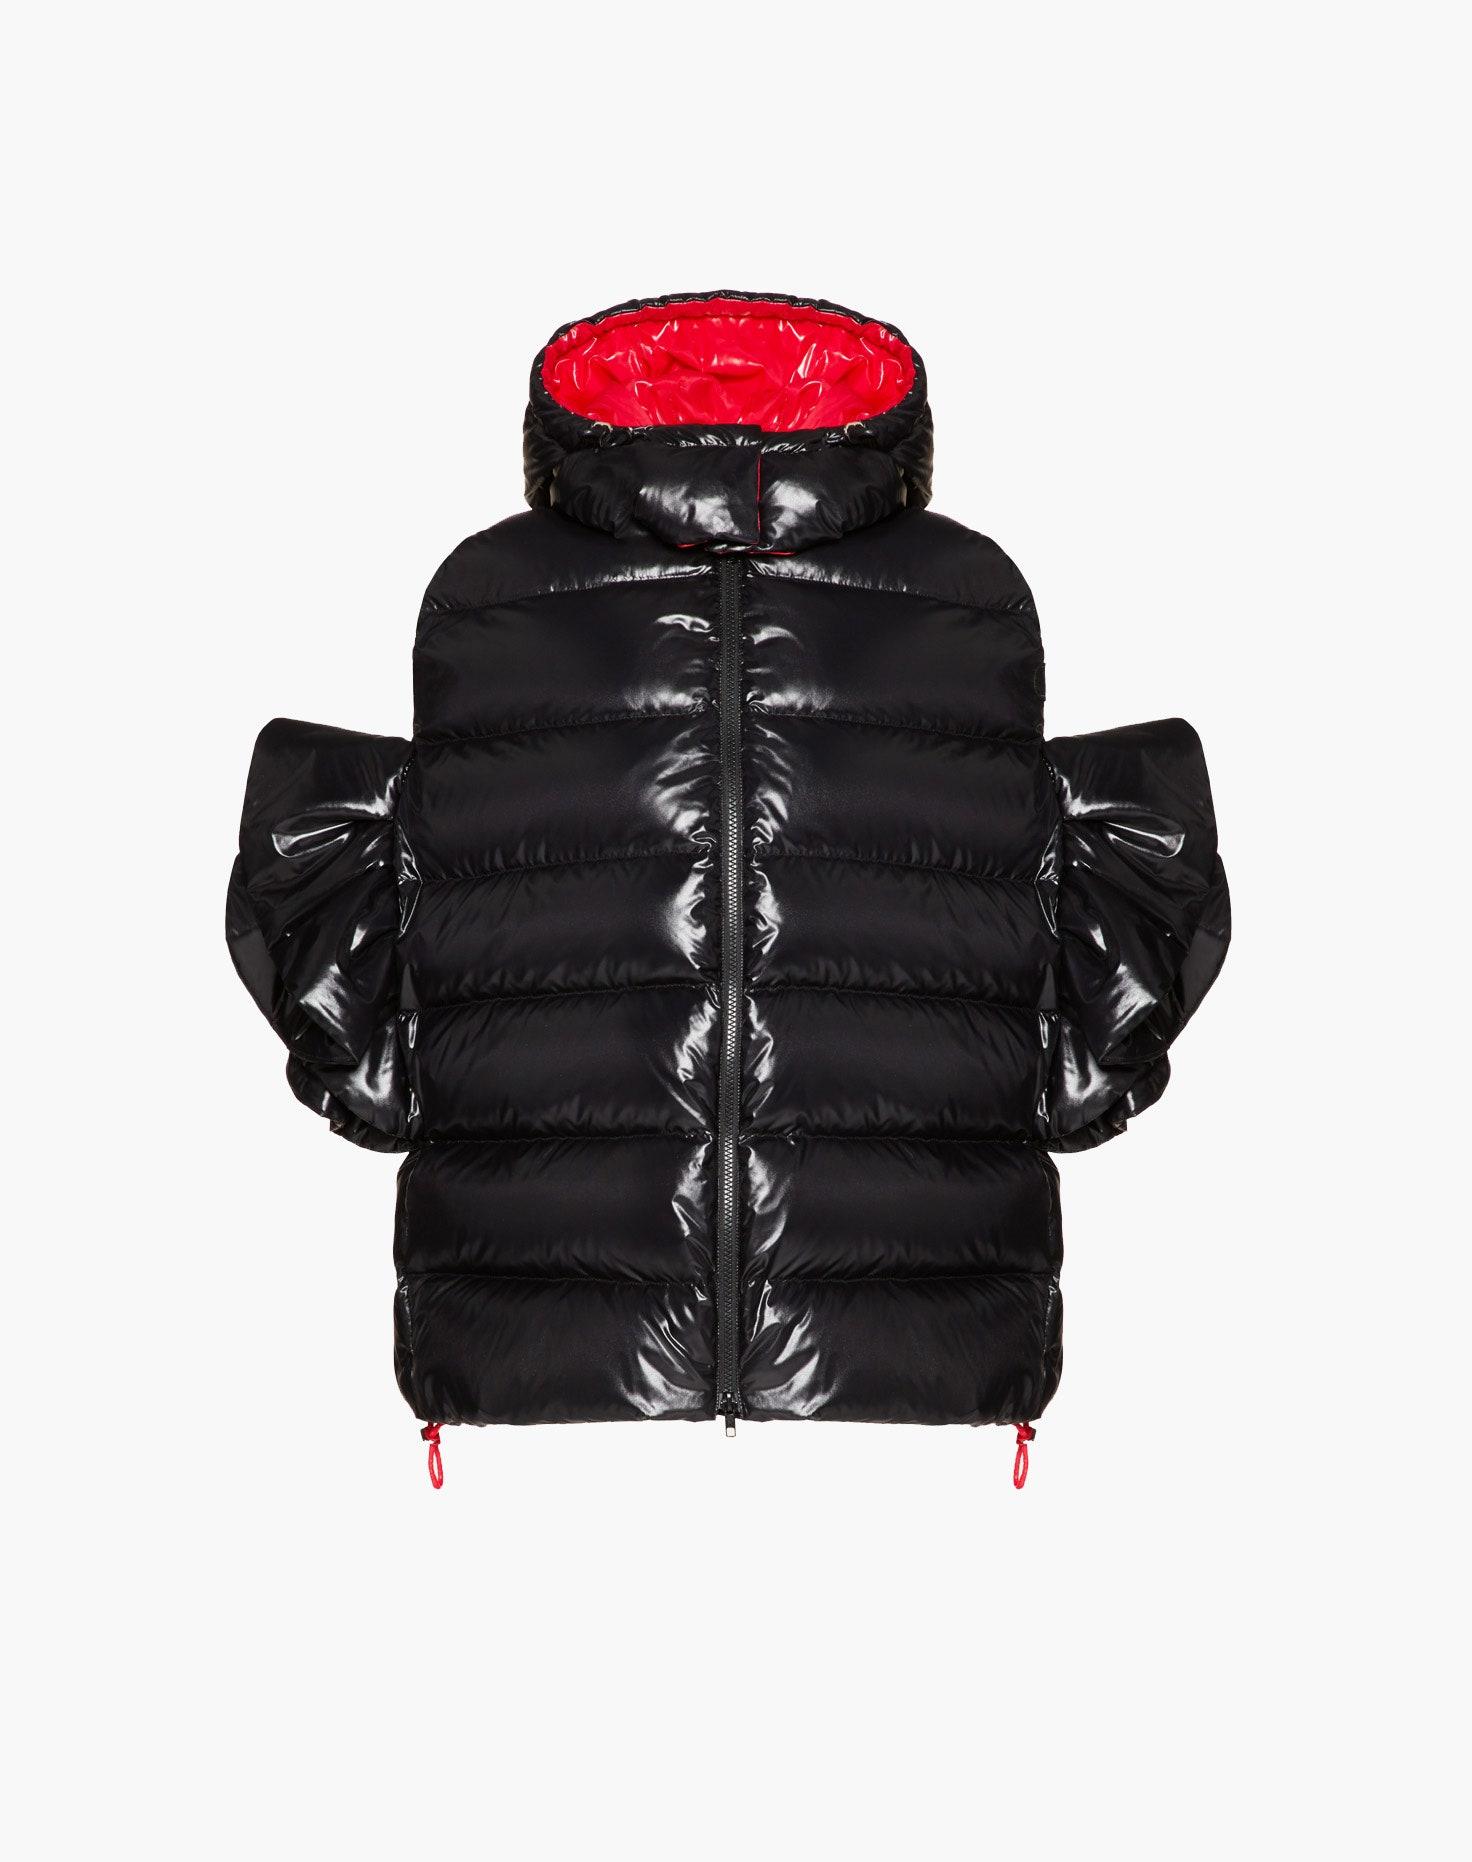 Valentino выпустили новую капсульную коллекцию пуховиков